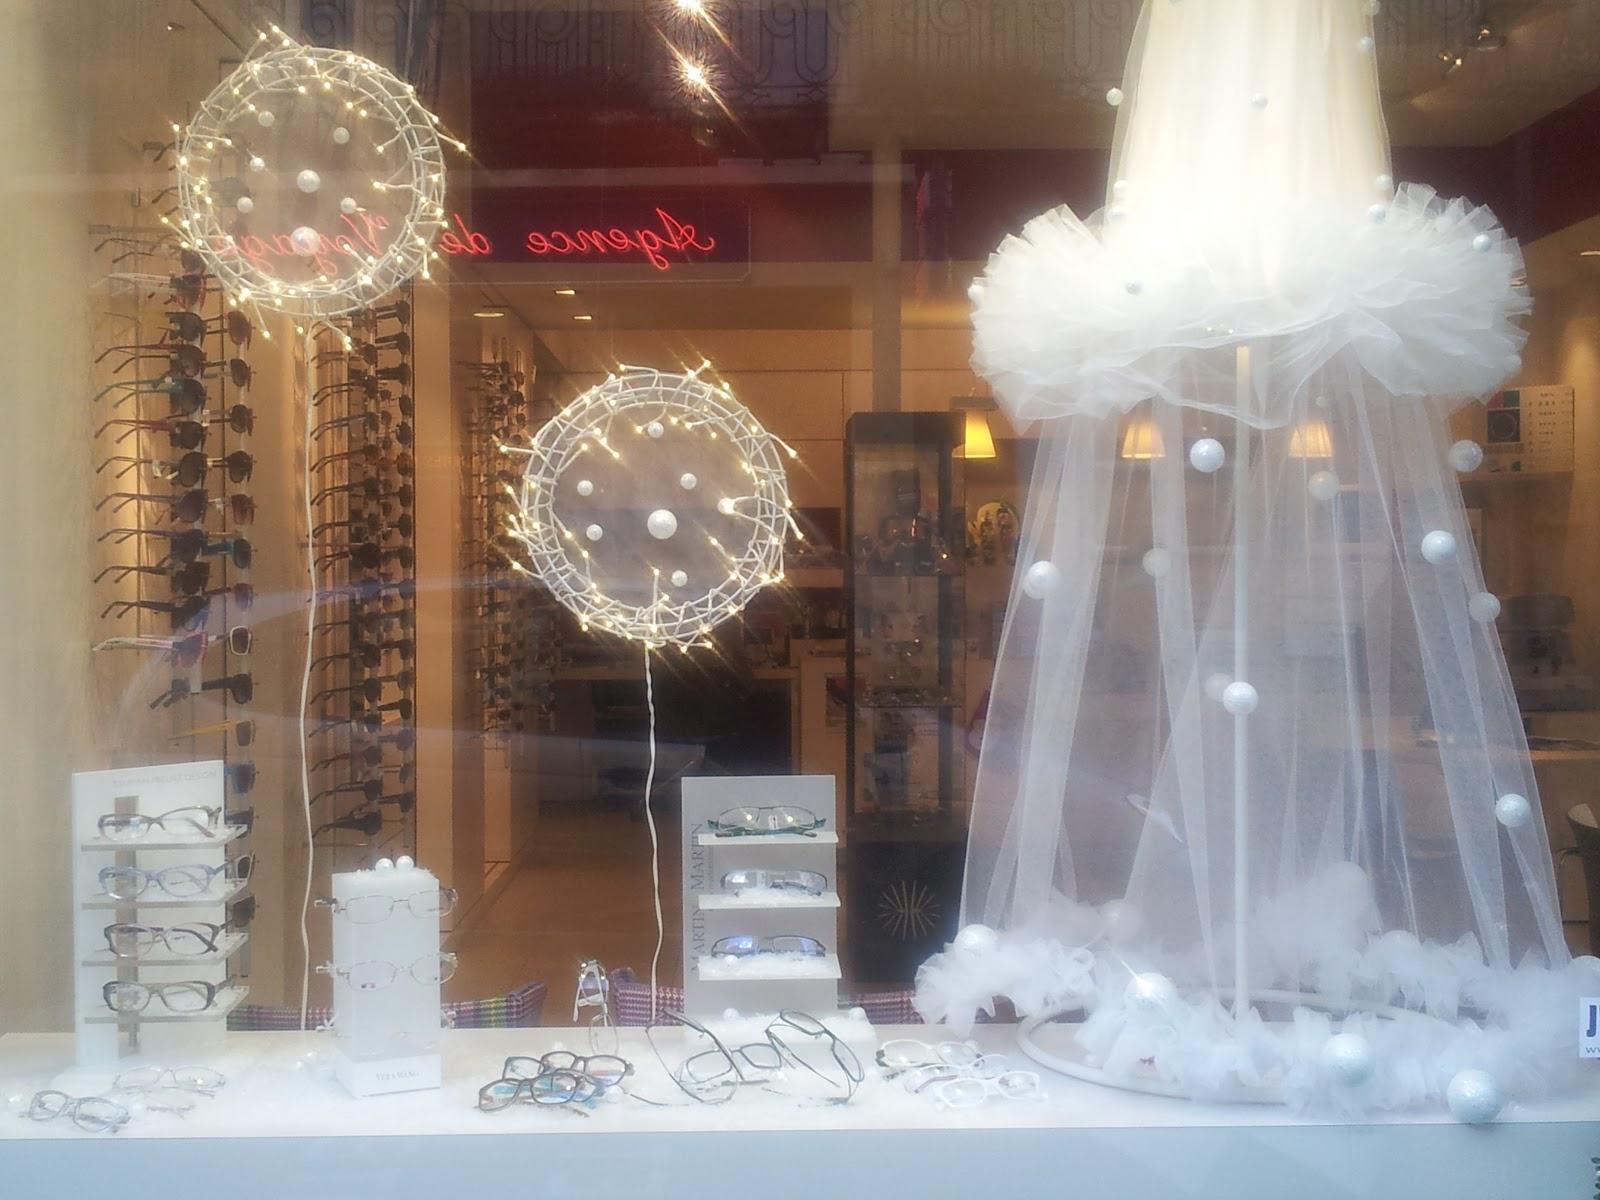 #8E633D Optique Martin Actualités: Vitrine De Noël 6007 décoration de noel pour vitrine 1600x1200 px @ aertt.com